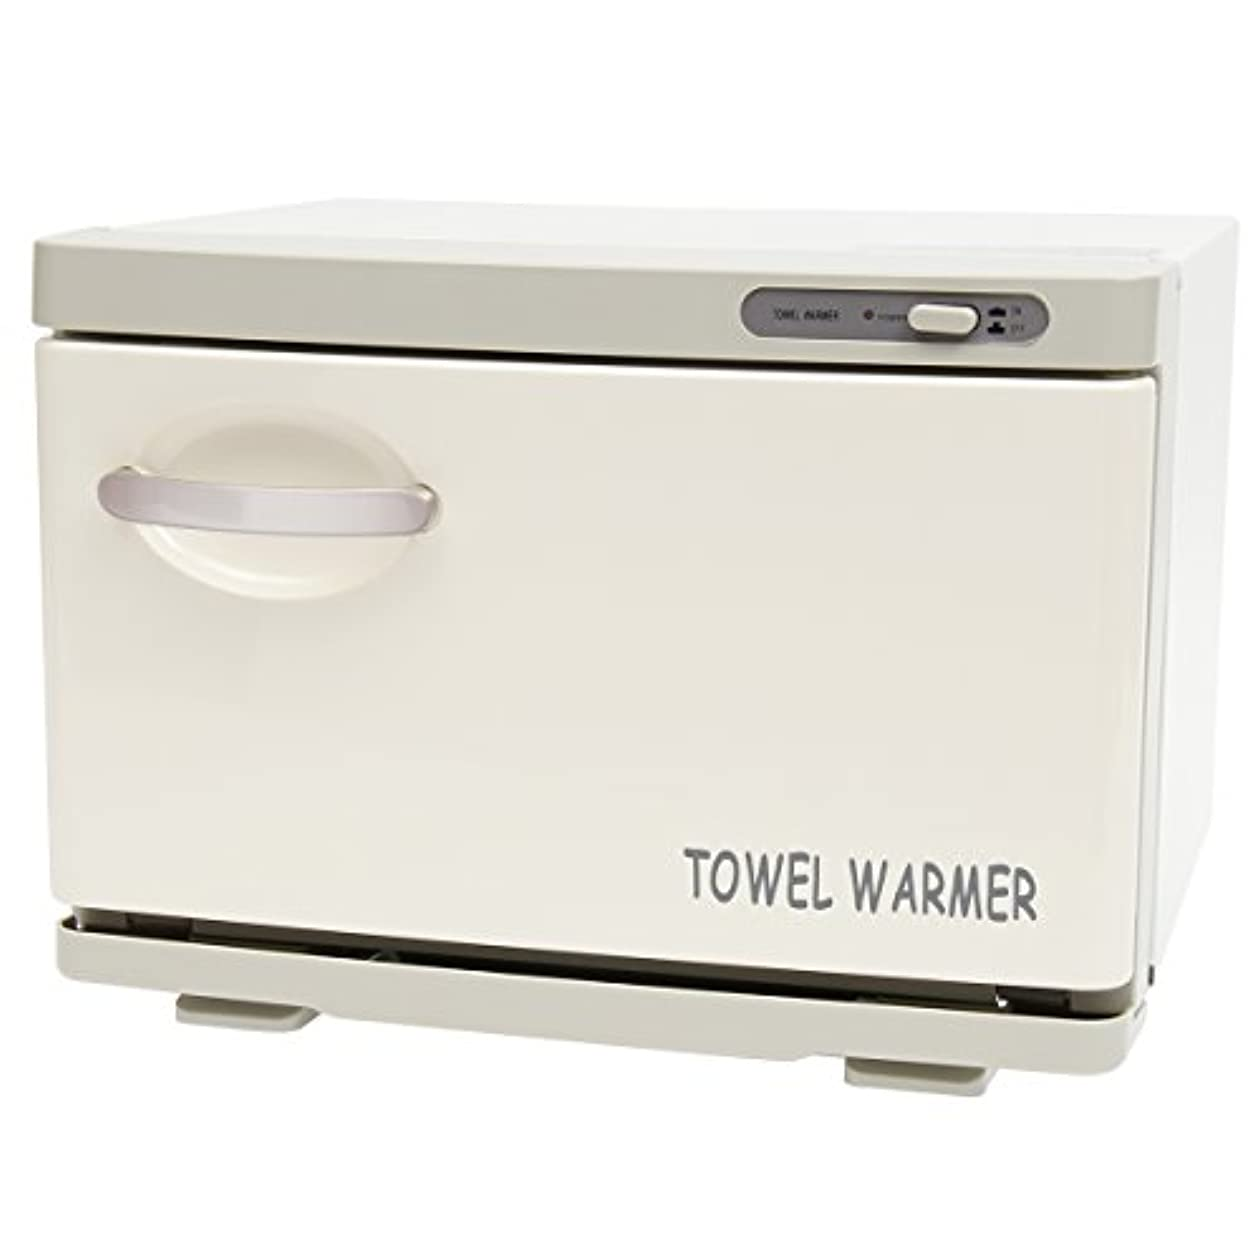 まさに元の酸っぱいタオルウォーマー SH (前開き) 7.5L [ タオル蒸し器 おしぼり蒸し器 タオルスチーマー ホットボックス タオル おしぼり ウォーマー スチーマー 小型 業務用 保温器 ]